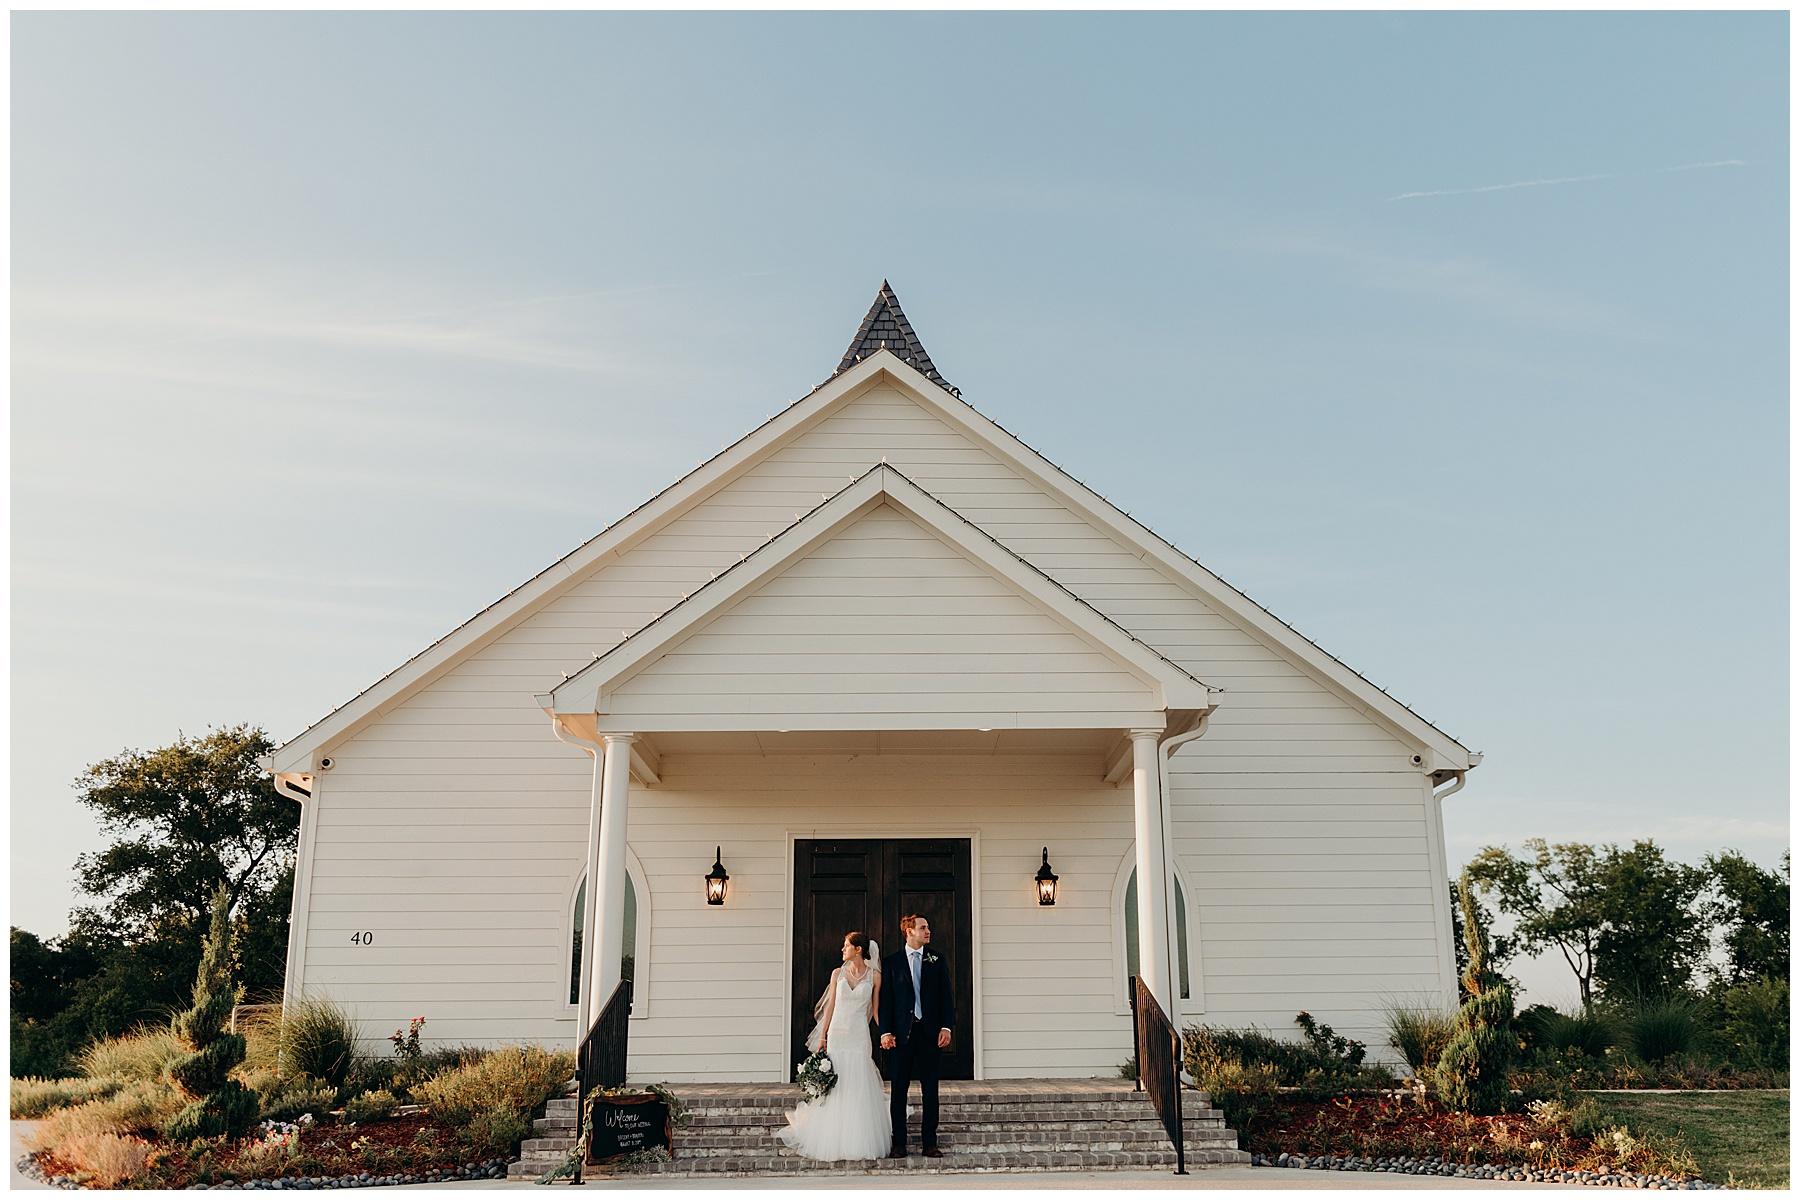 One preston events wedding venue photos